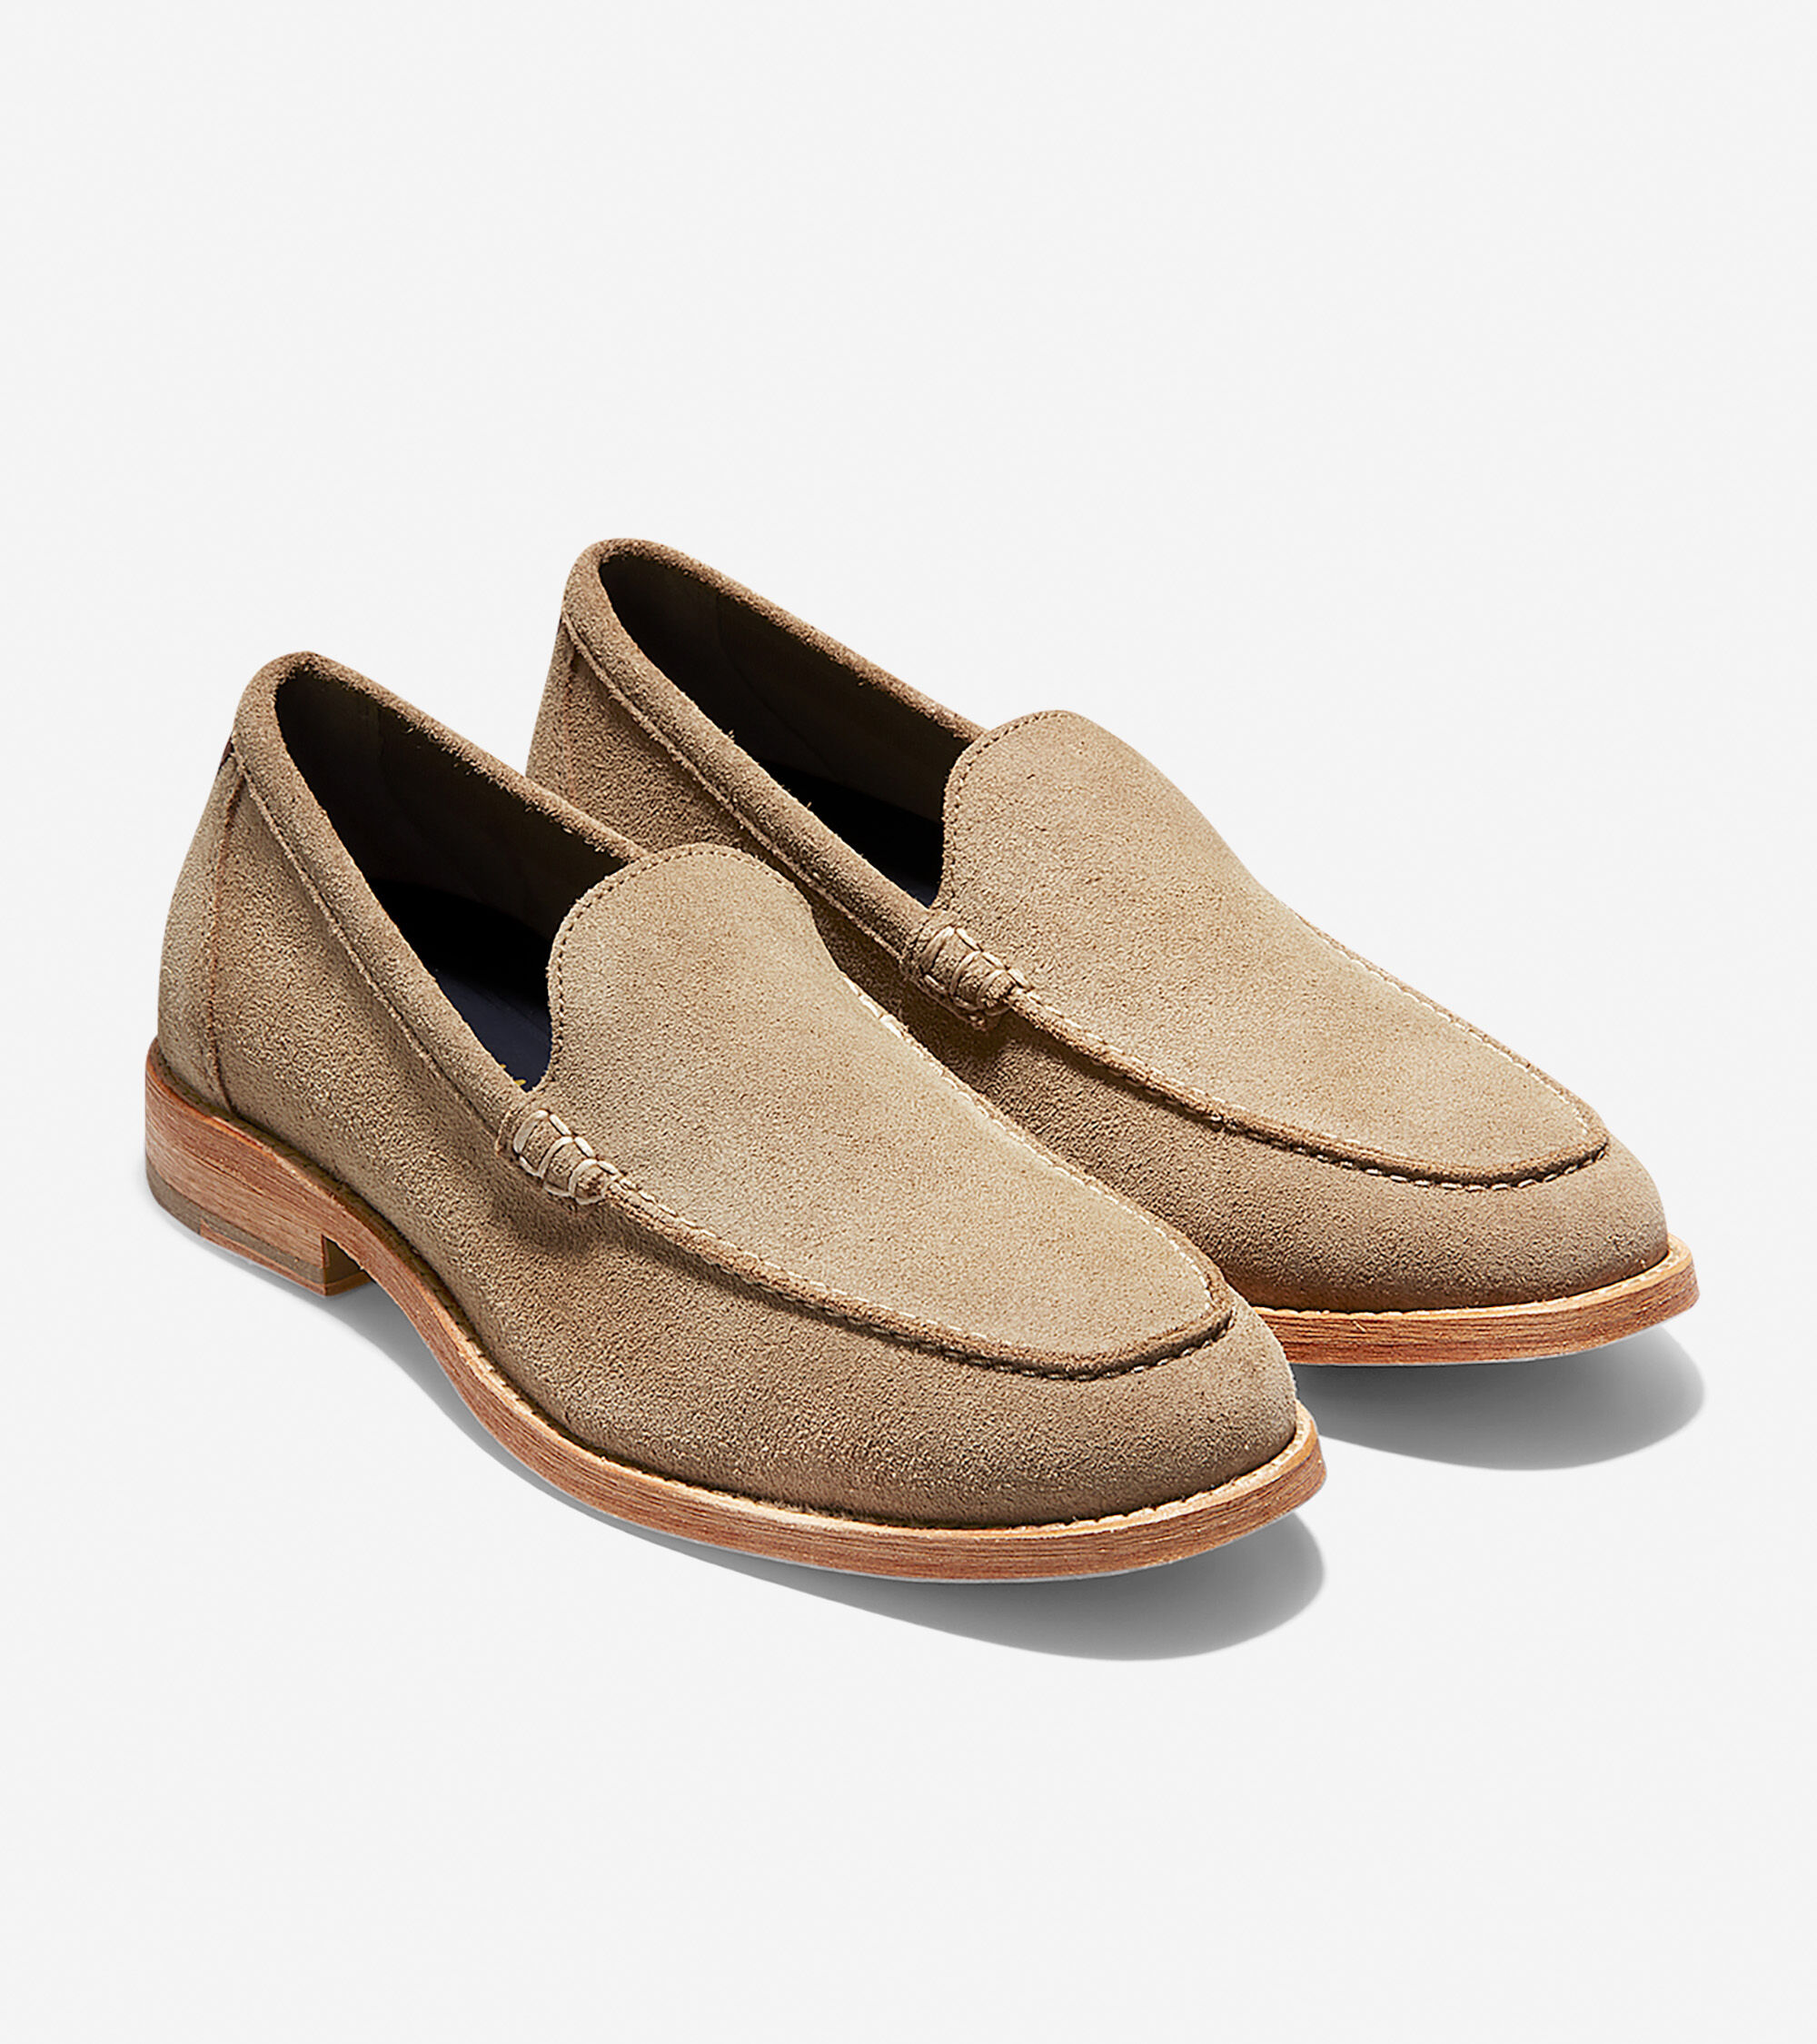 8d9d931f490 ... Feathercraft Grand Venetian Loafer · Feathercraft Grand Venetian Loafer.   COLEHAAN